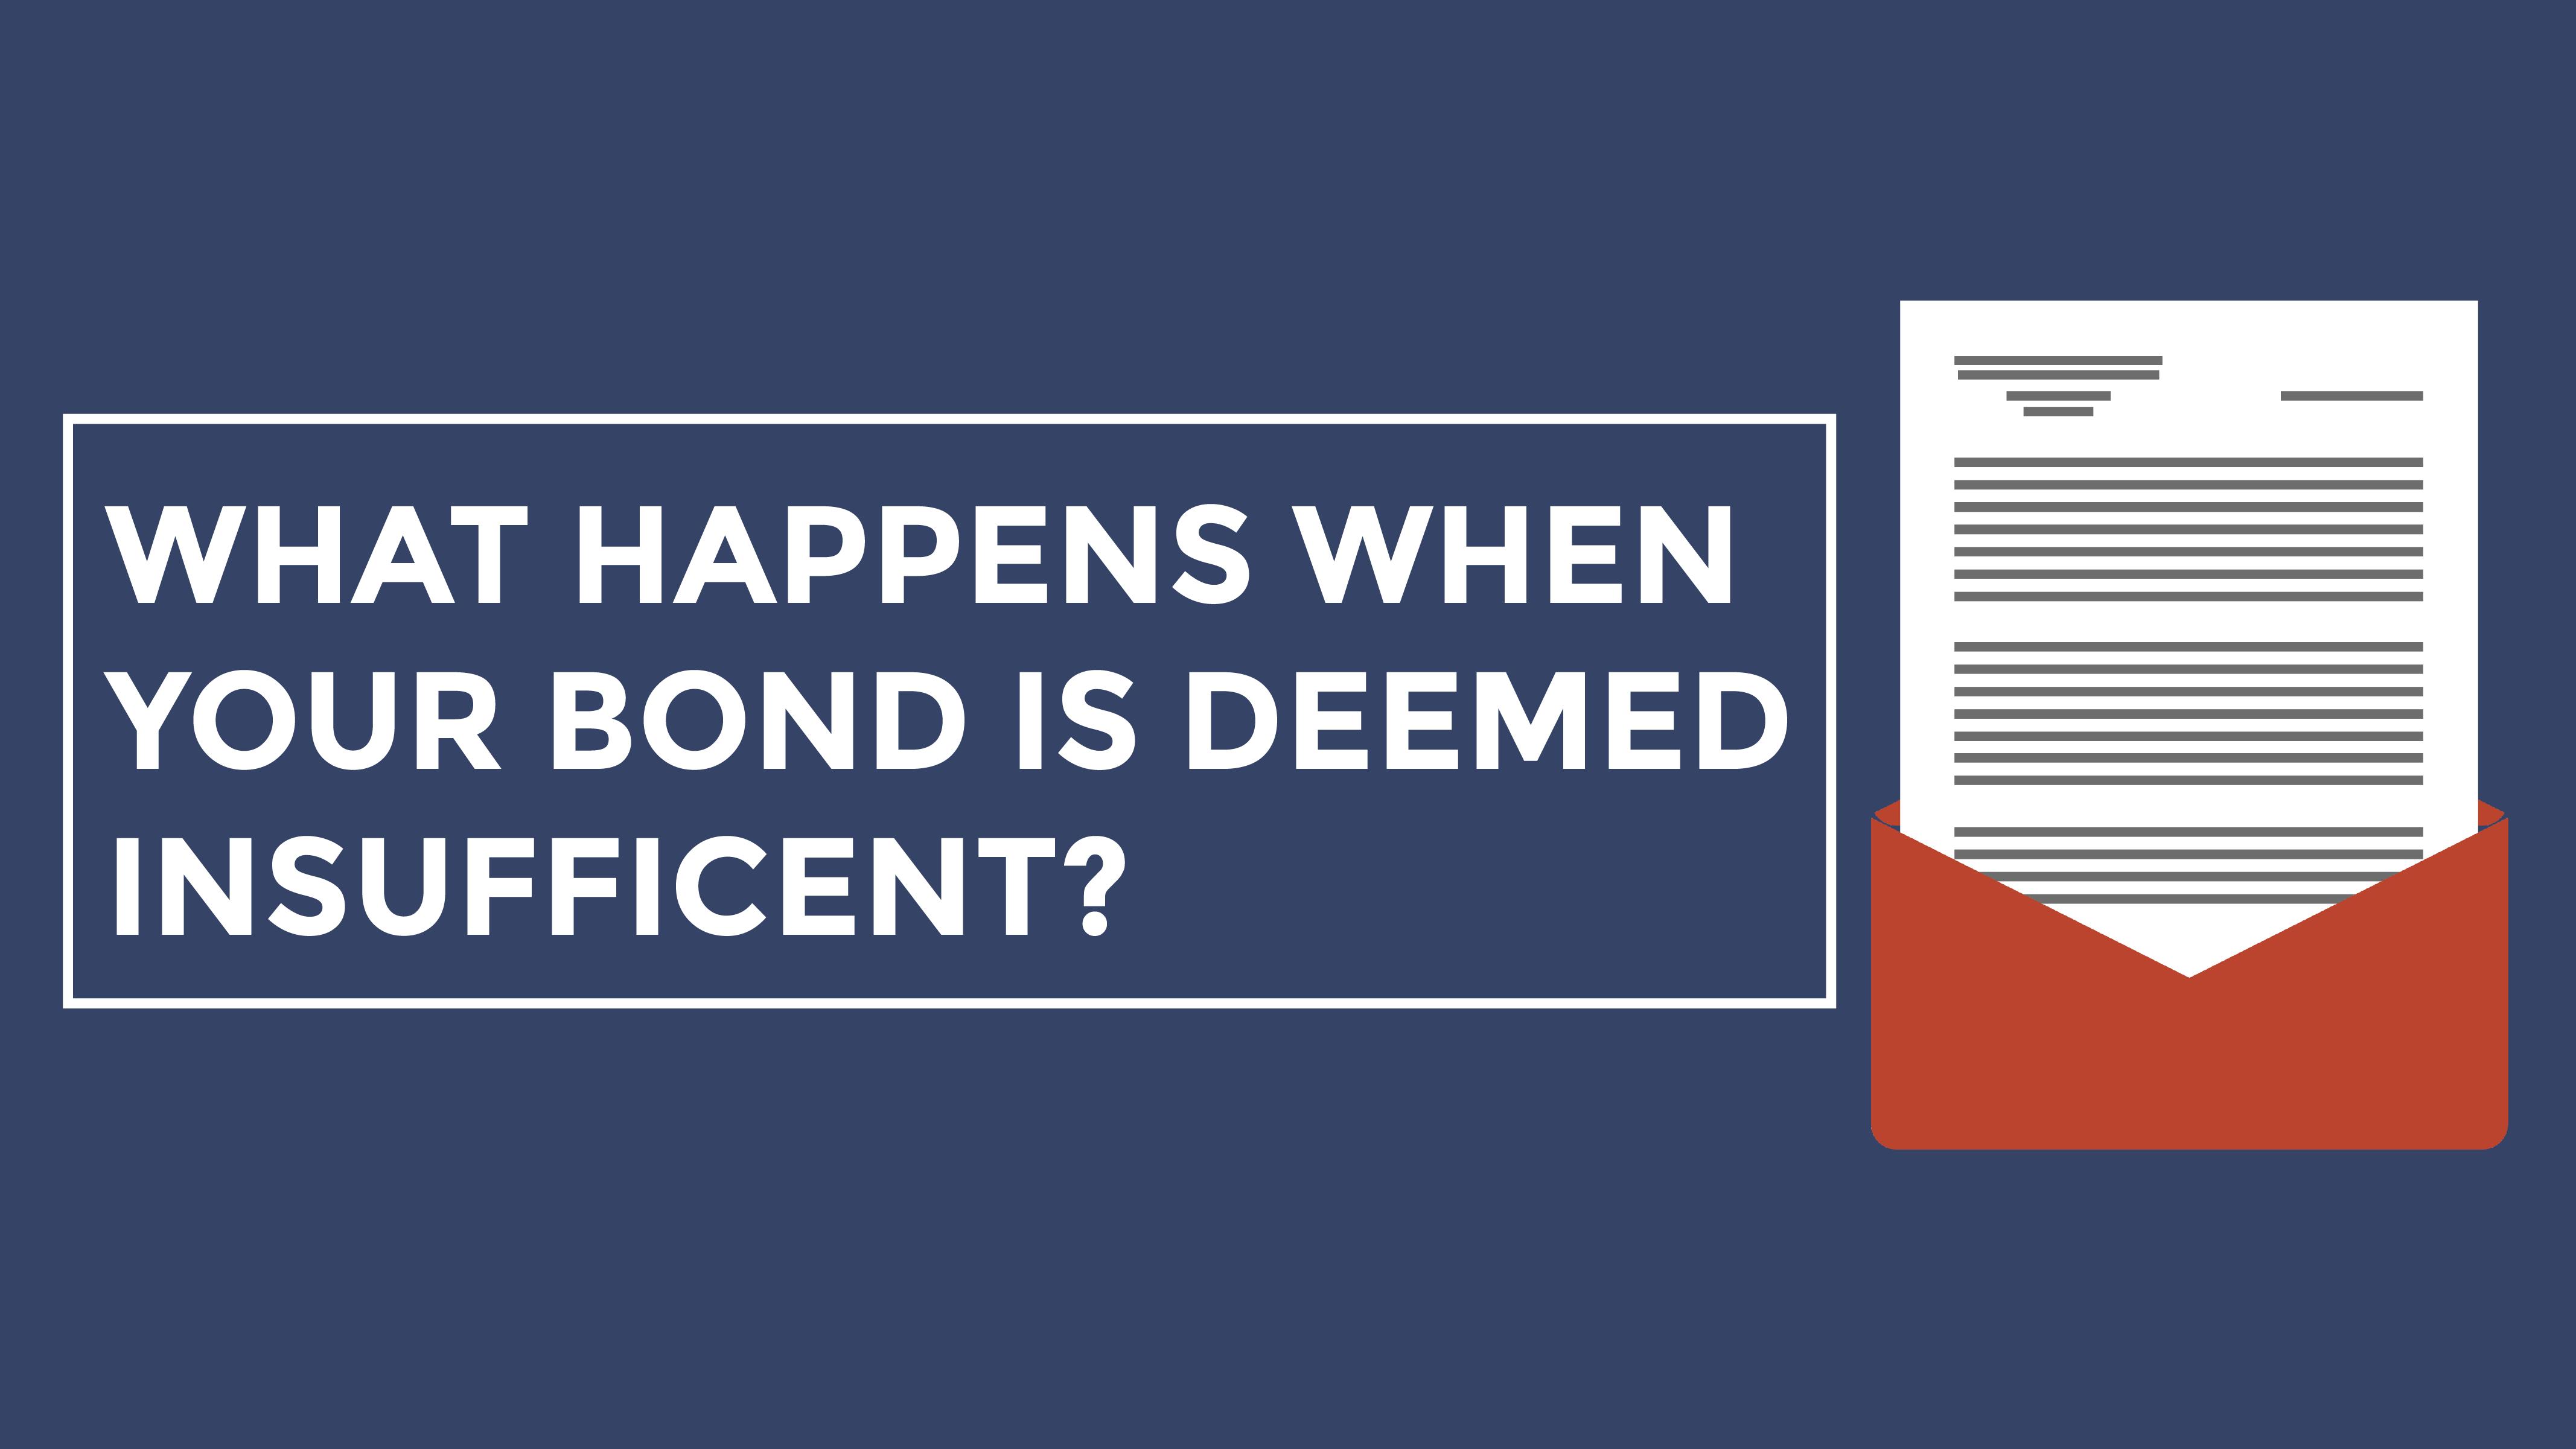 [Video] A Breakdown of a Customs Bond Insufficiency Letter